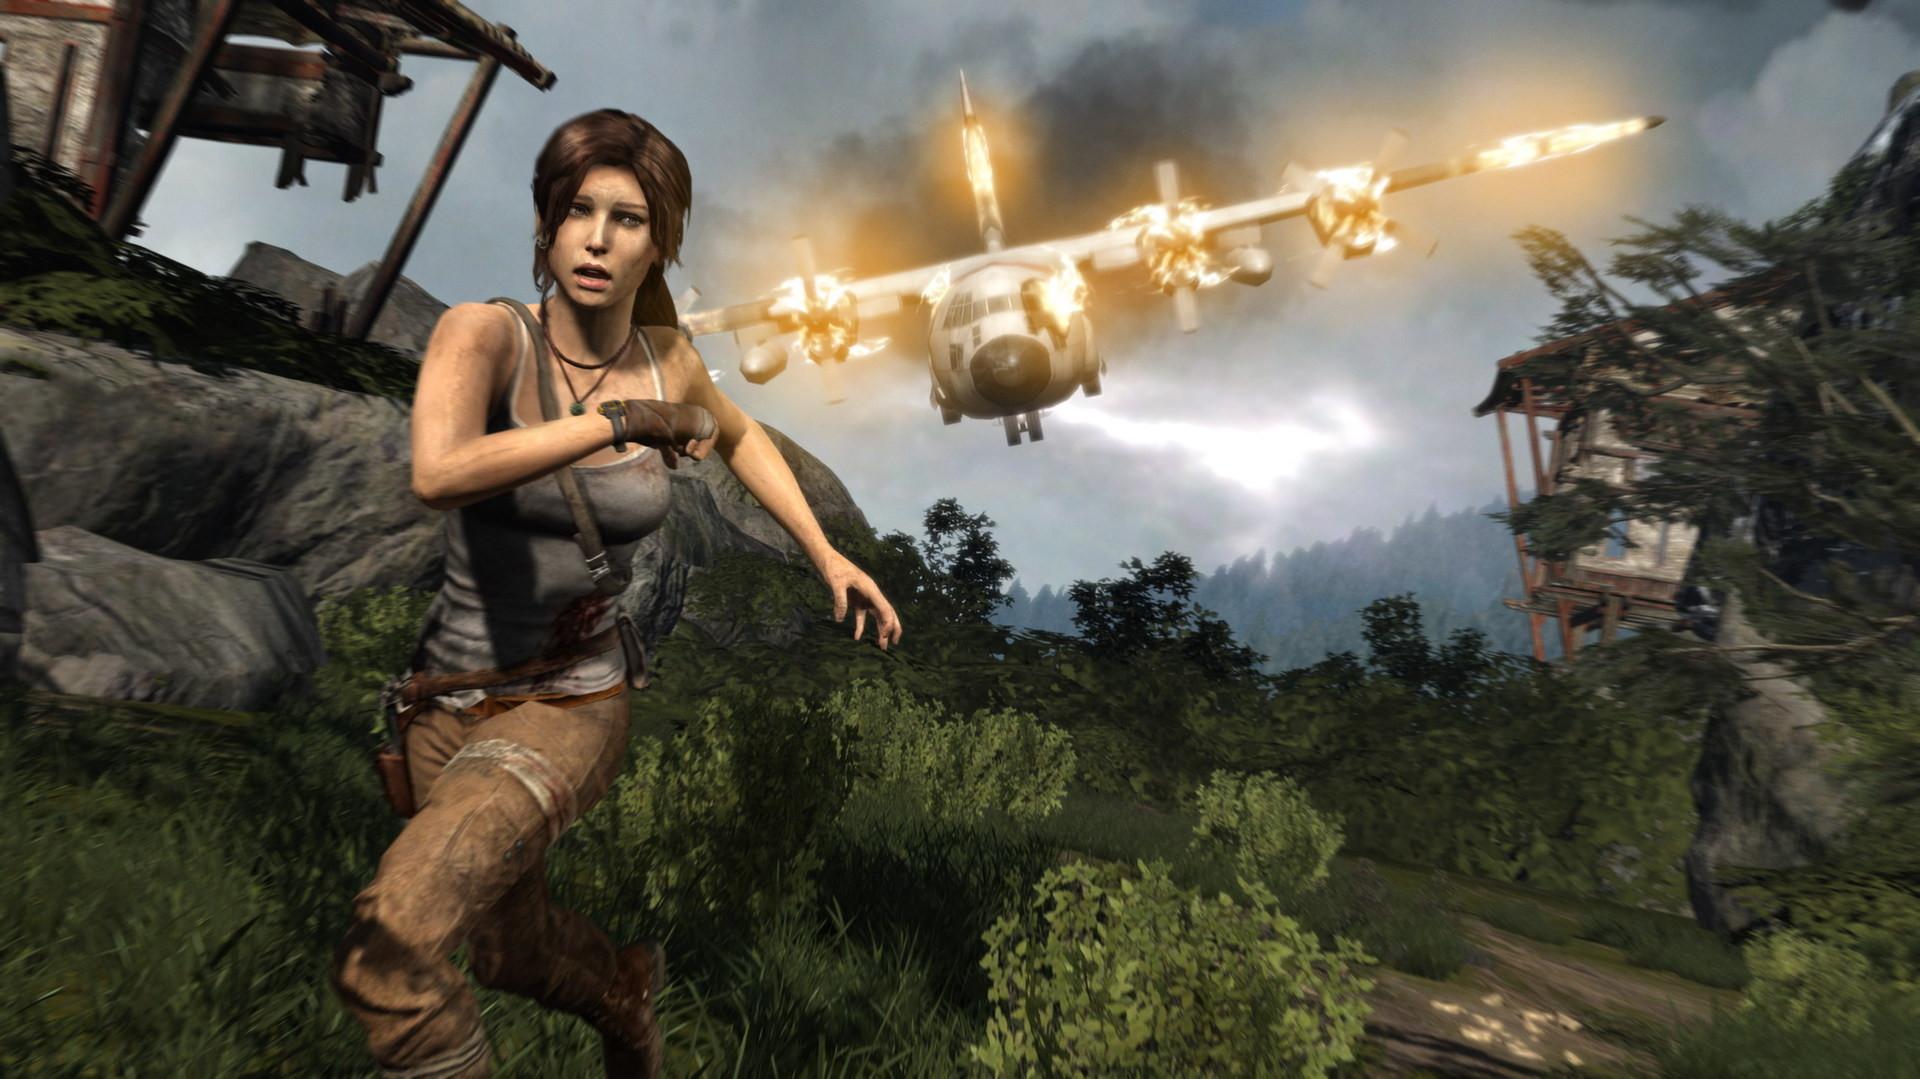 這是古墓丽影 2013年游戏這篇文章的第1張圖